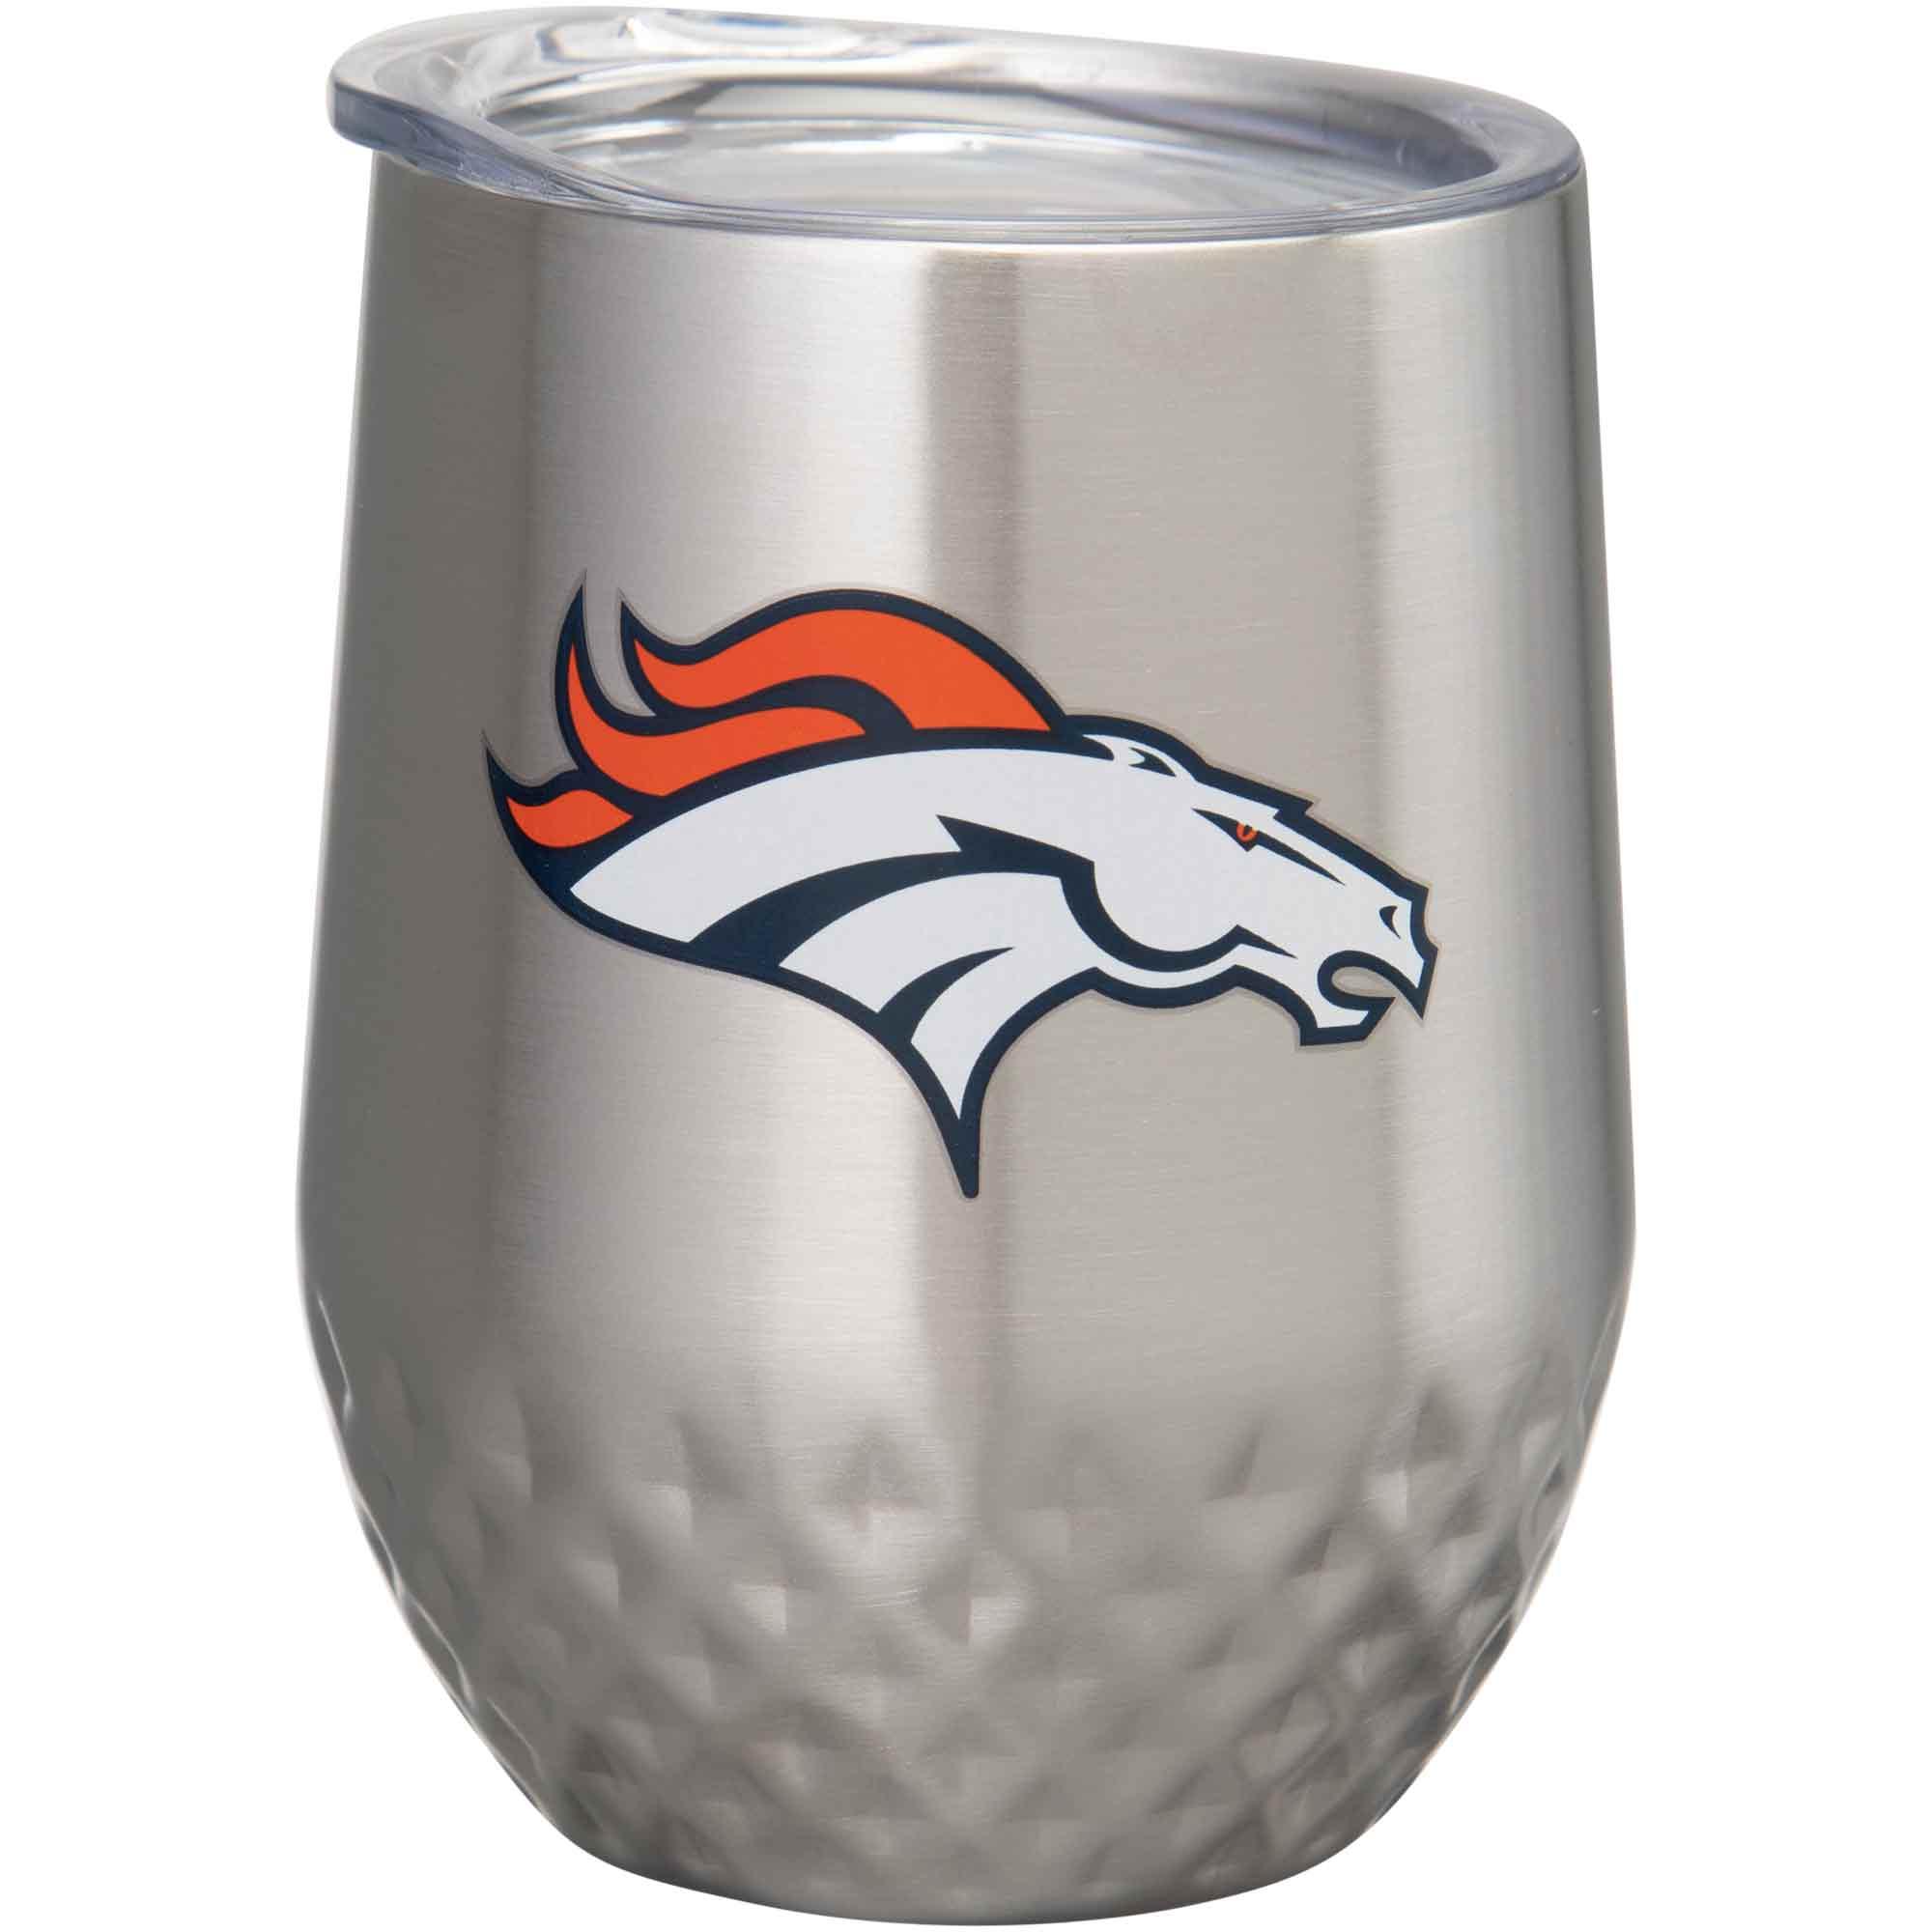 Denver Broncos 12oz. Stainless Steel Stemless Diamond Tumbler